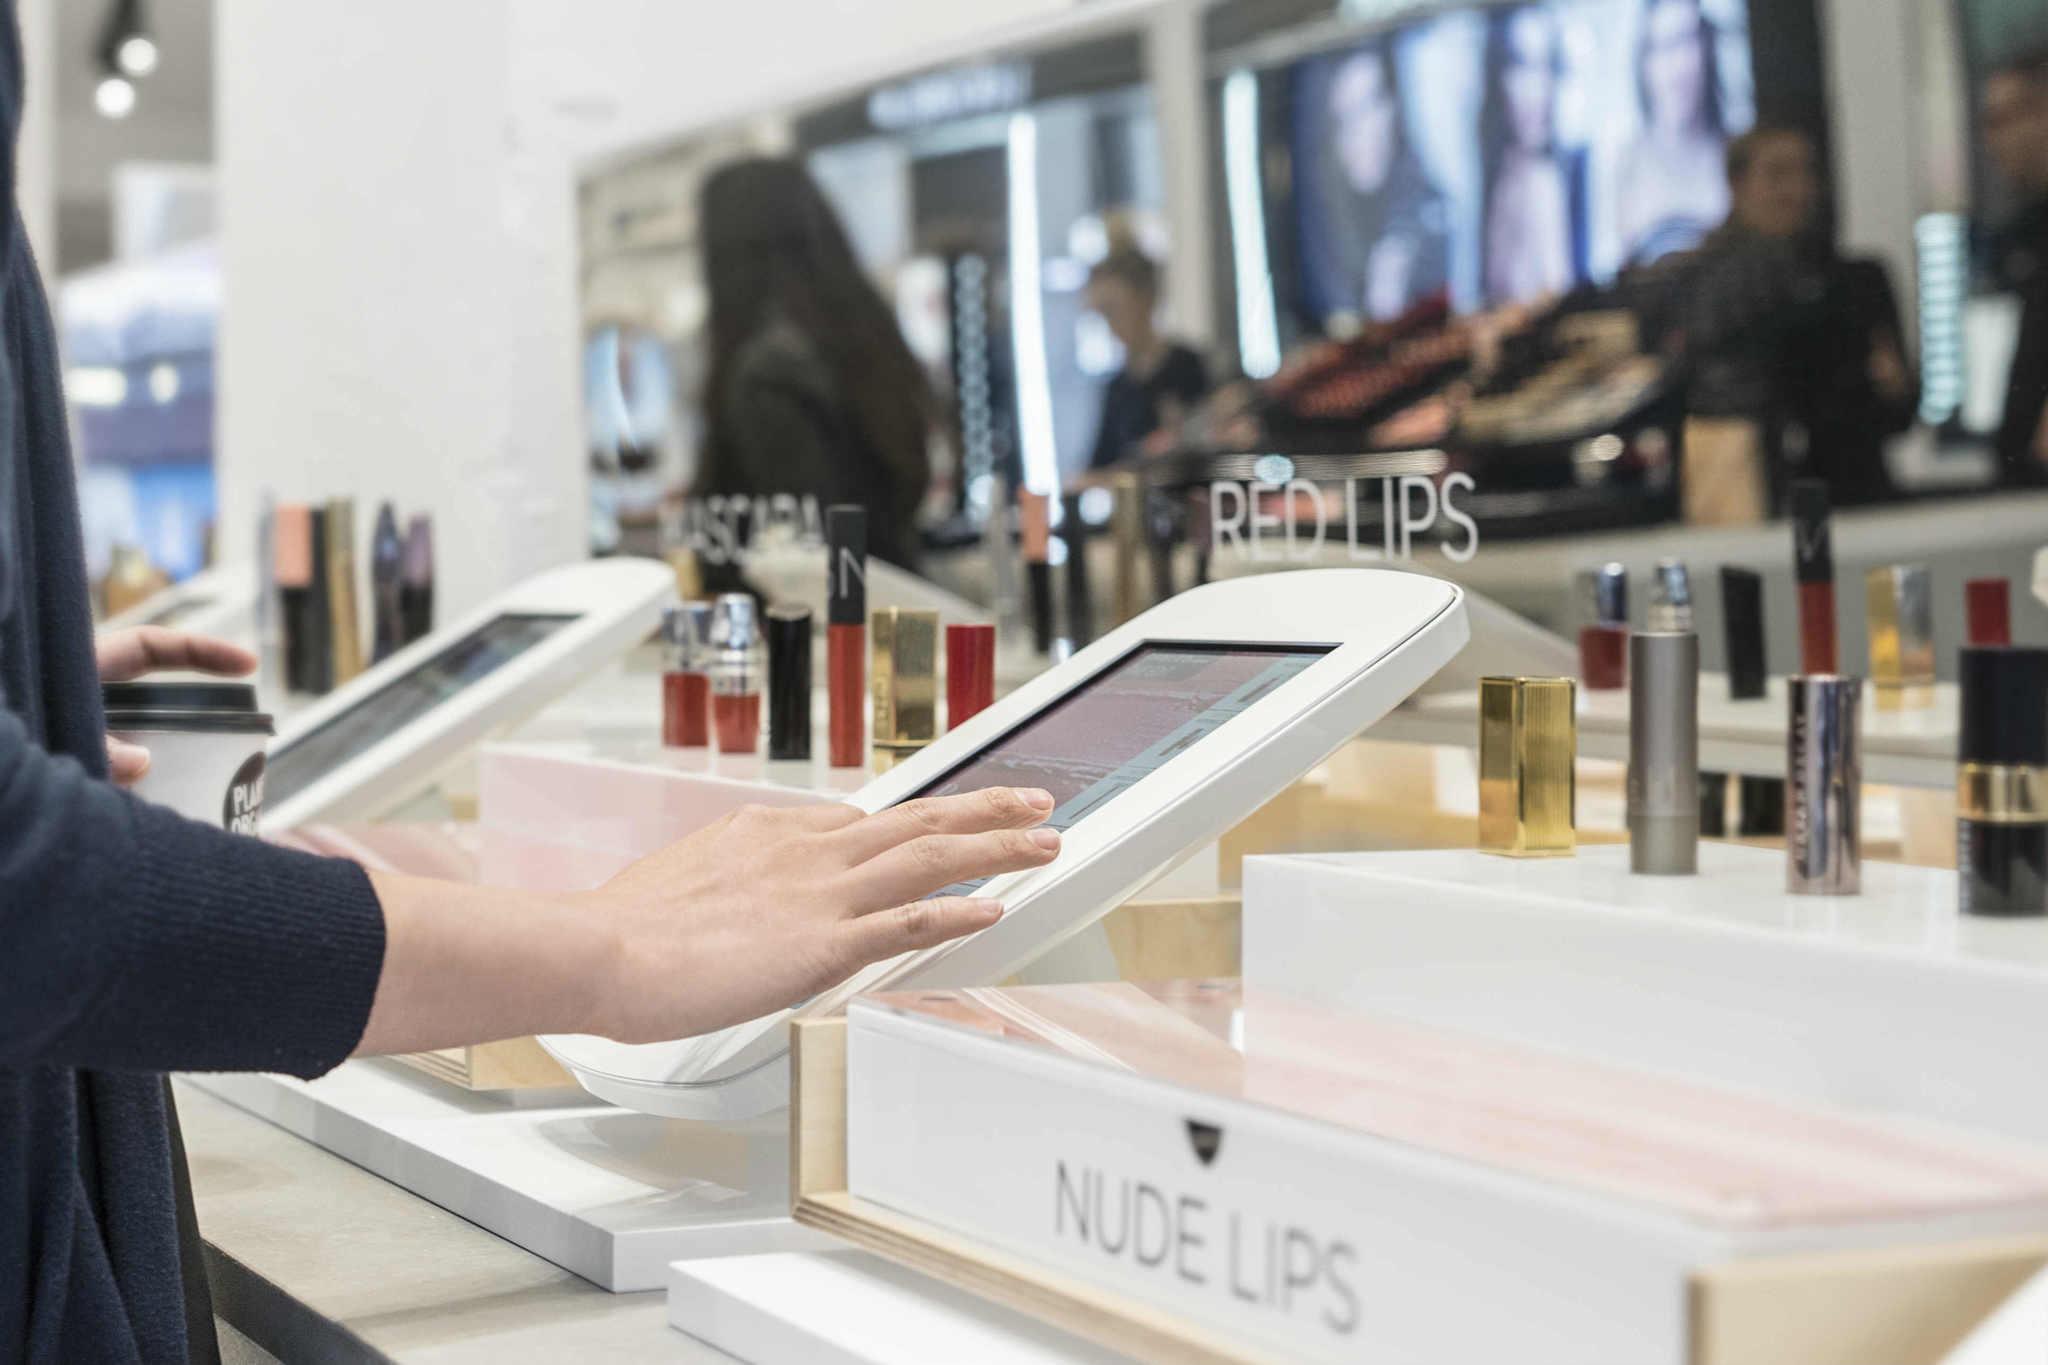 페이블드바이 마리끌레르의 오프라인 매장에서 볼 수 있는 마리끌레르 디지털 매거진.